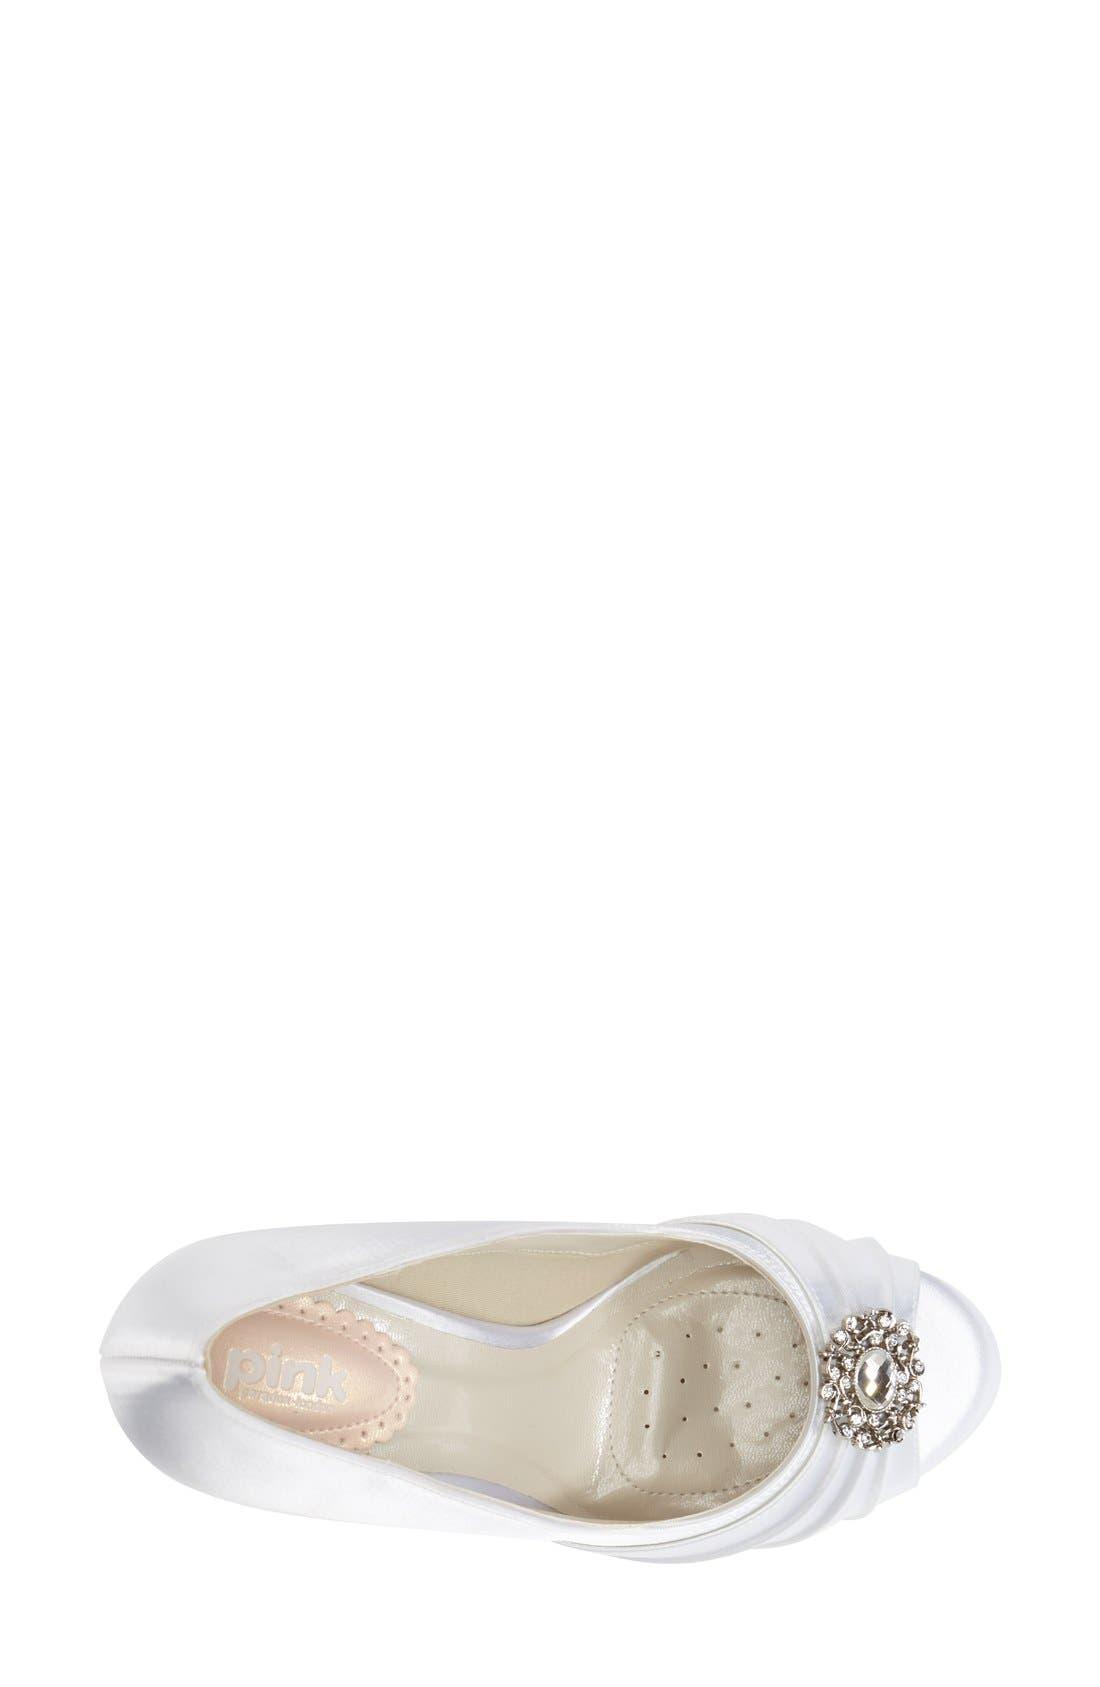 Alternate Image 3  - pink paradox london 'Caramel' Crystal Embellished Platform Pump (Women)